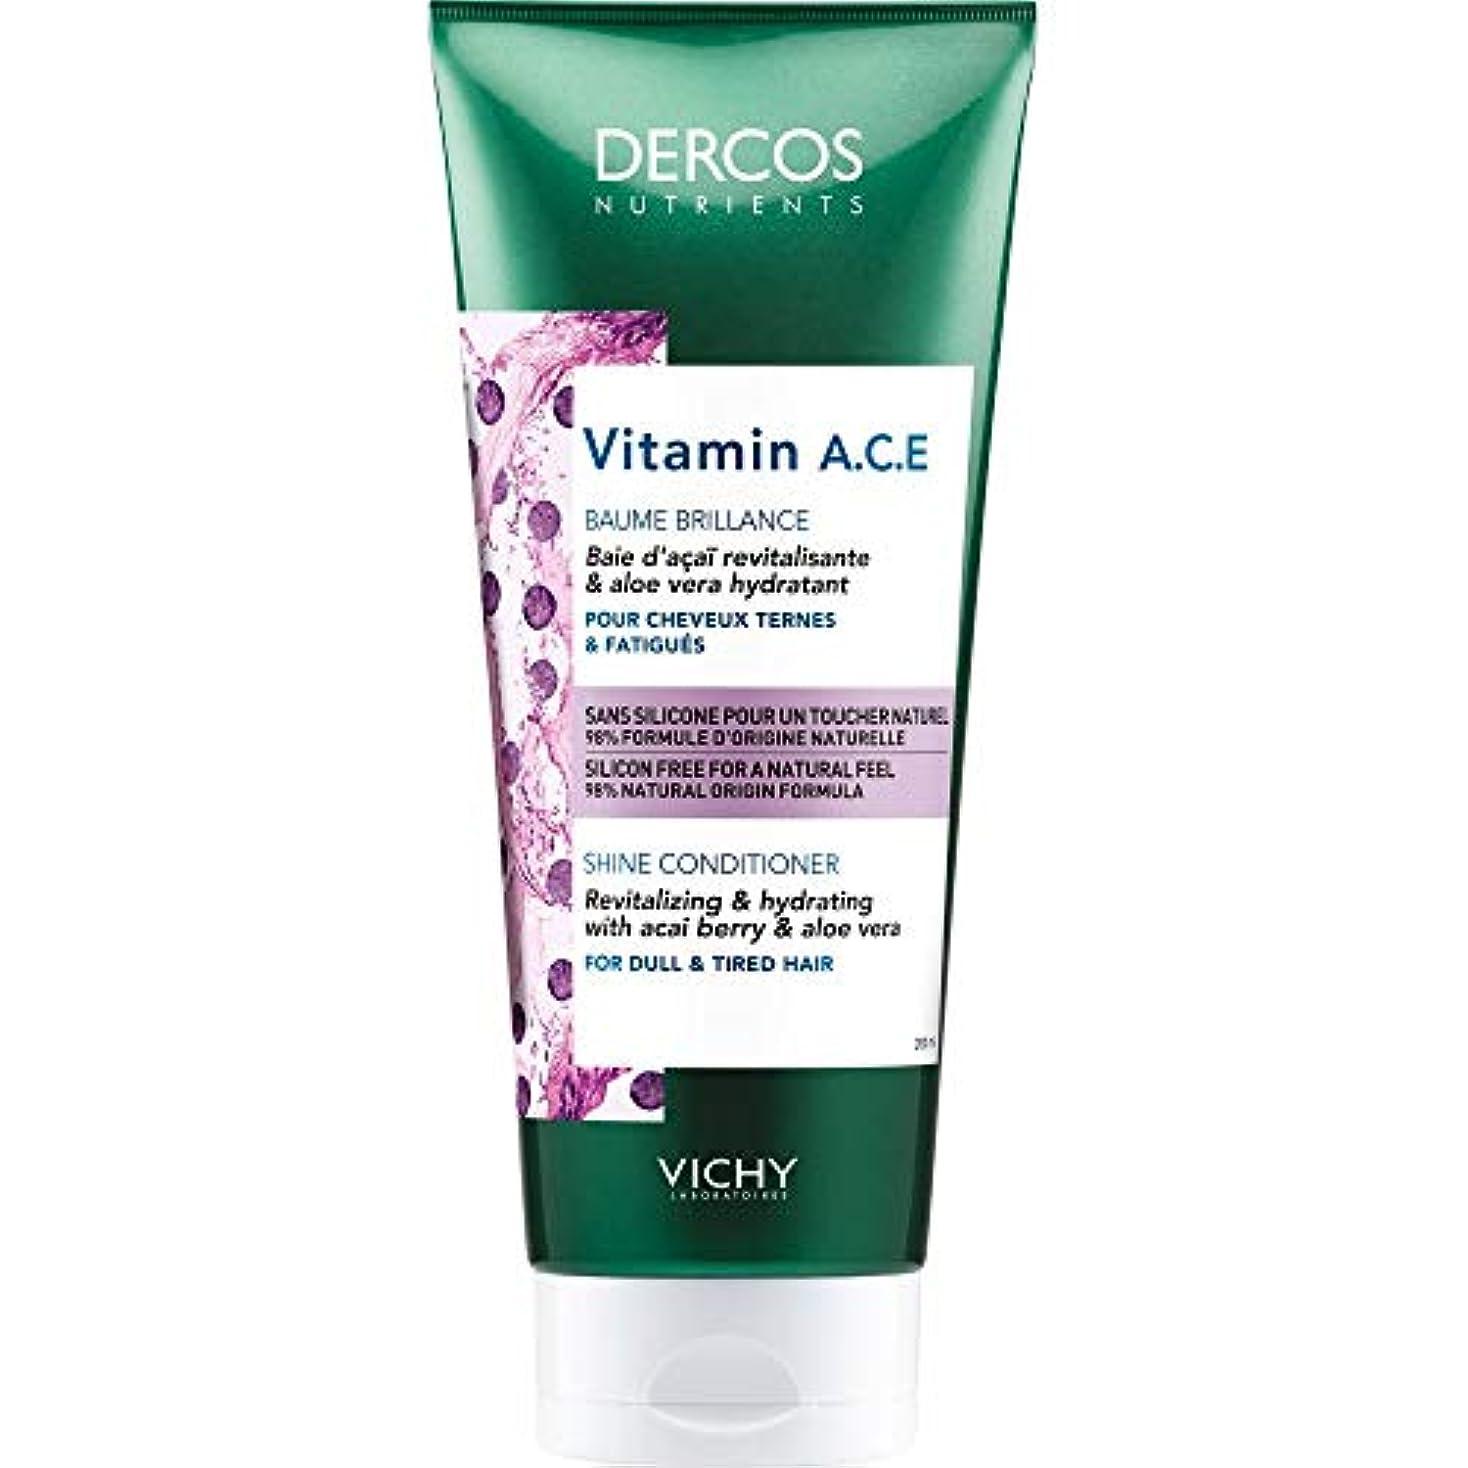 設置後継必要ない[Vichy ] 栄養素のビタミンA.C.E輝きコンディショナー200Ml Dercosヴィシー - Vichy Dercos Nutrients Vitamin A.C.E Shine Conditioner 200ml...